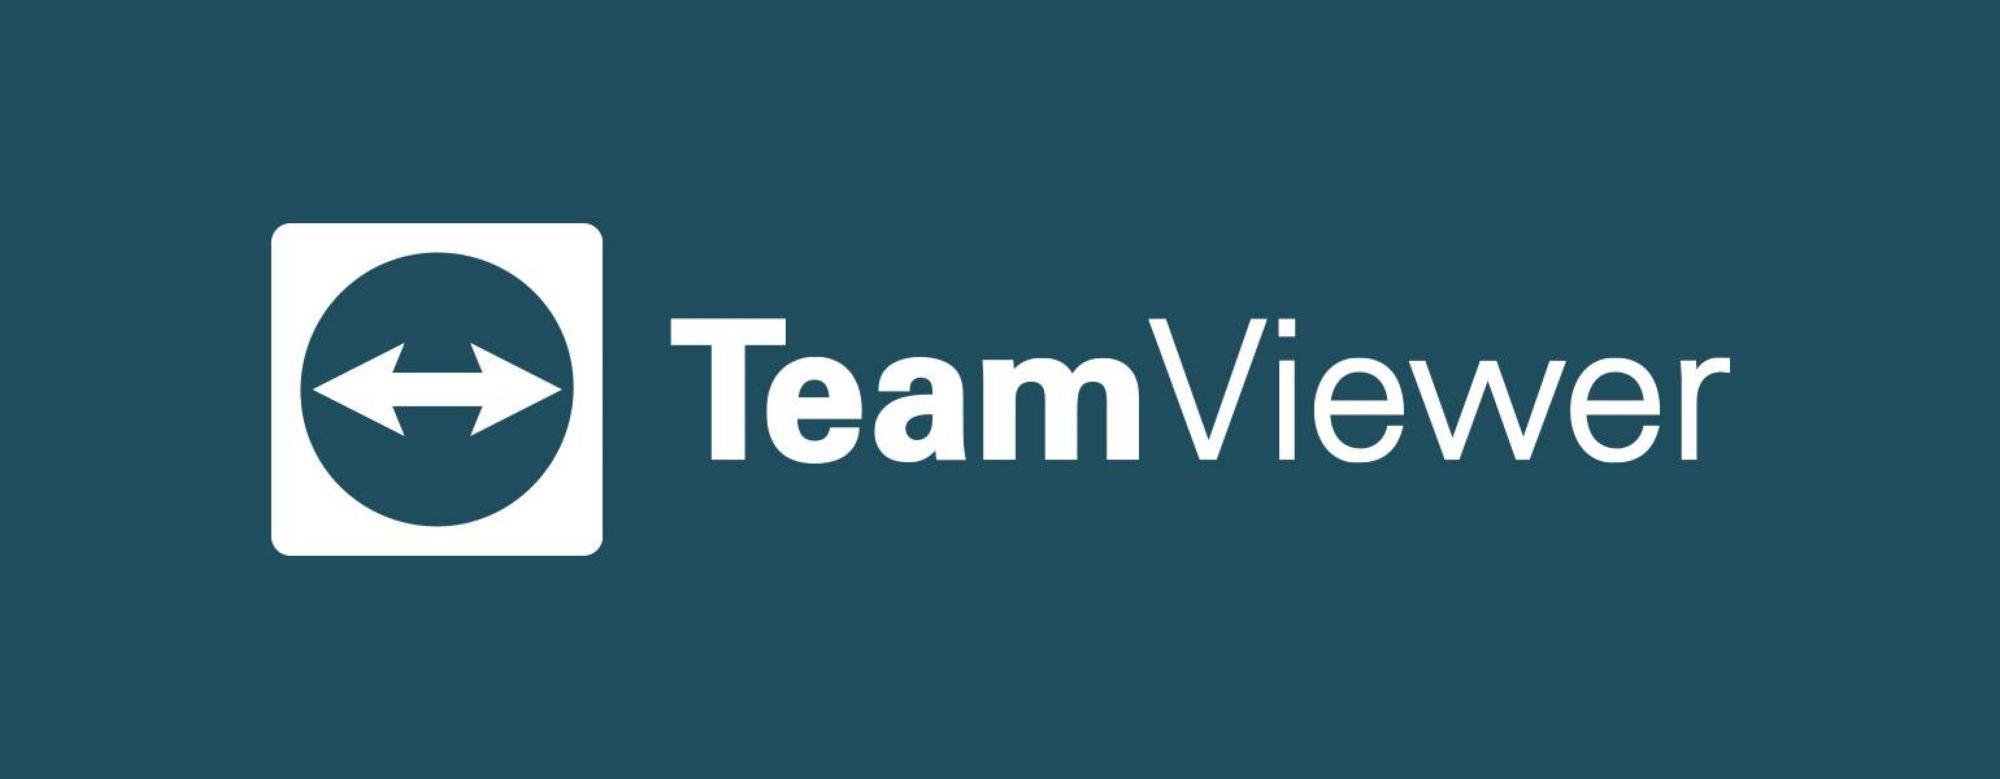 teamviewer-logo-3.jpg